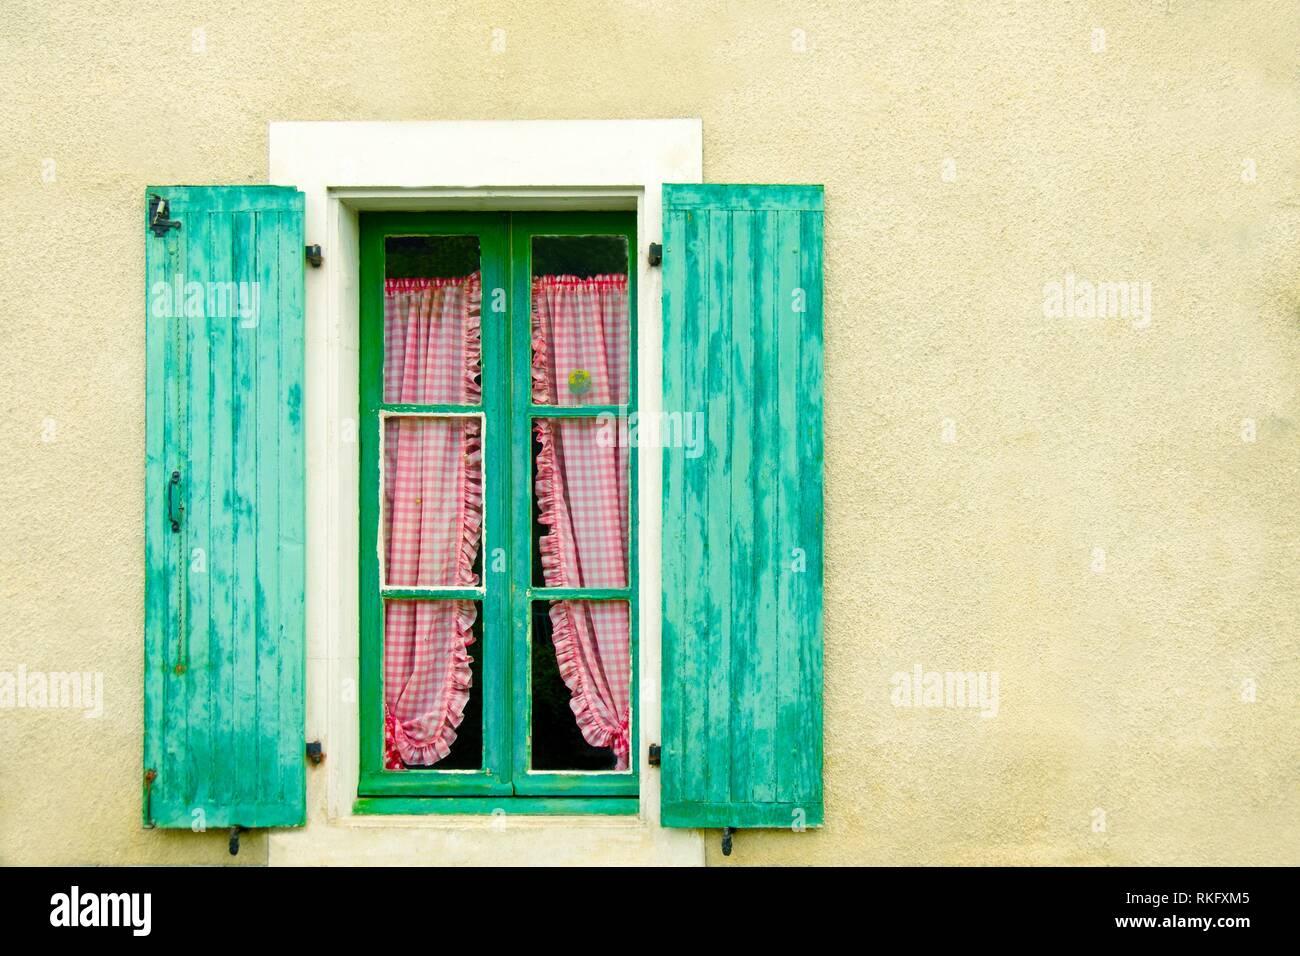 Frankreich, Royal, Haute Garonne, Dorf Fenster in Mazères sur Salat. Stockbild